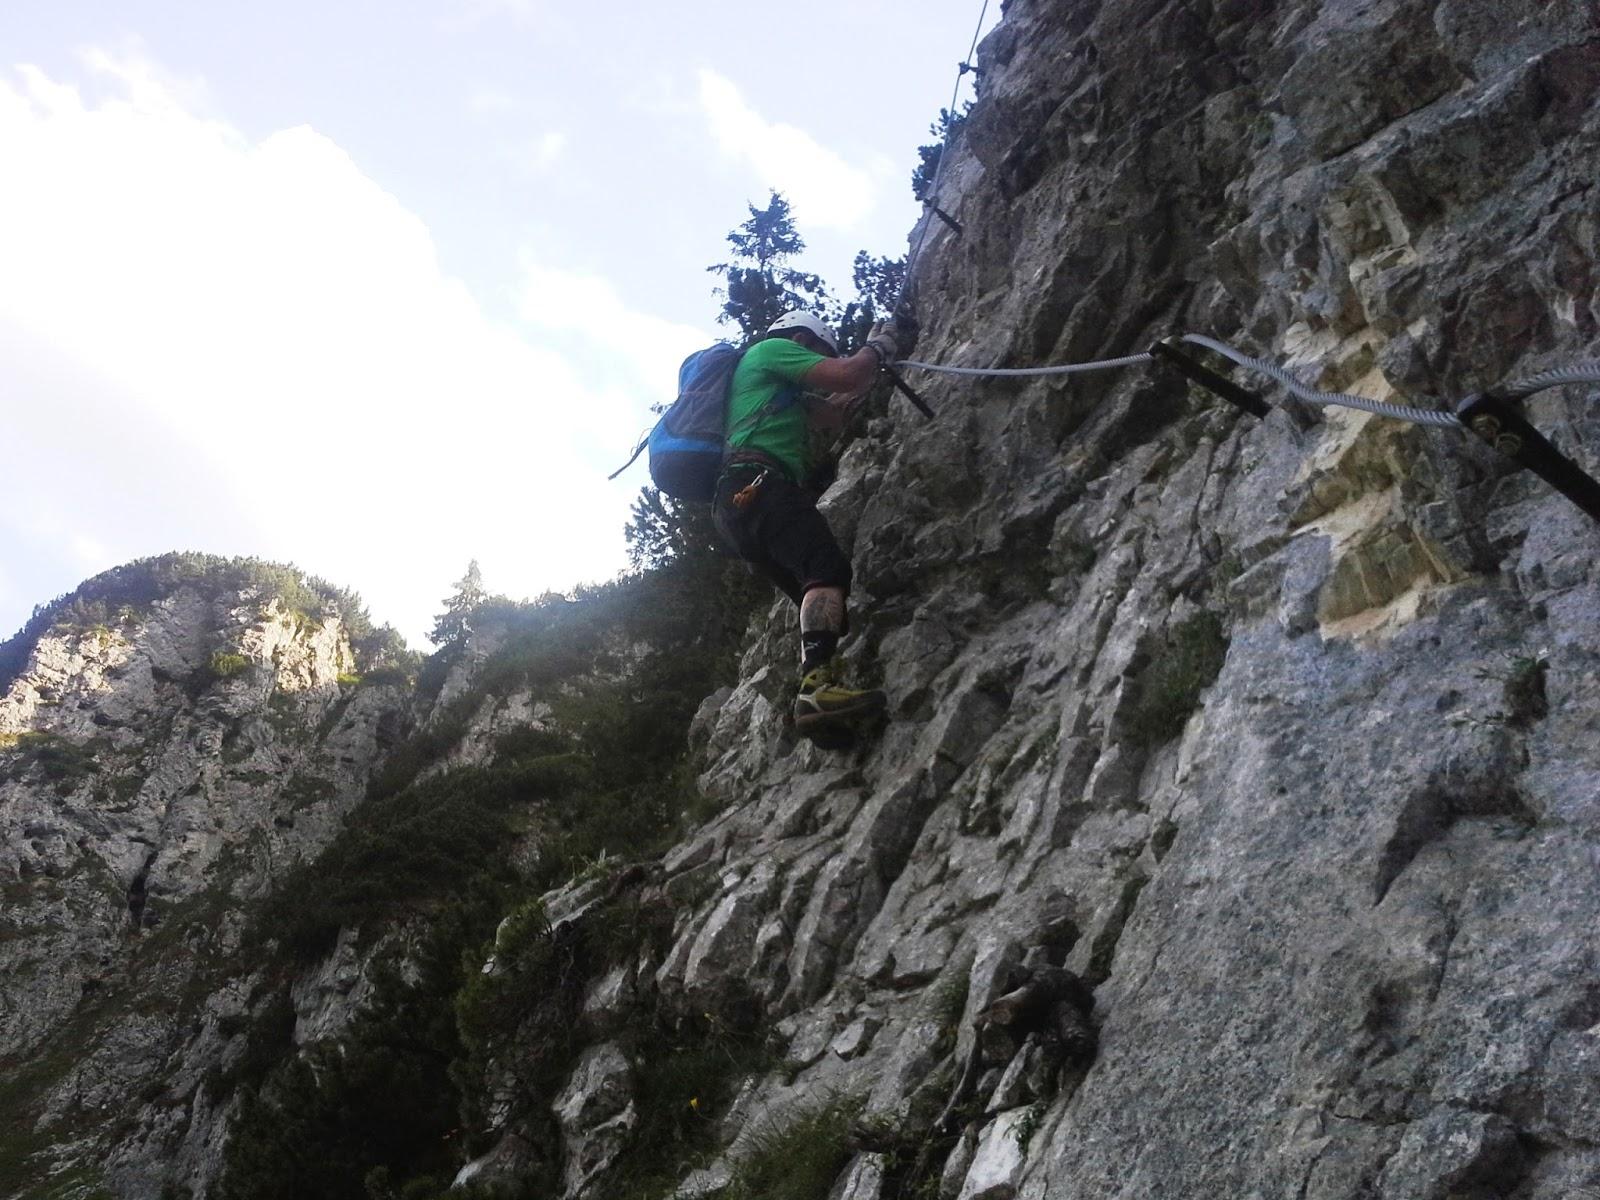 Klettersteig Klamml : Der durscht bringt mi um klamml klettersteig berggemeinschaft